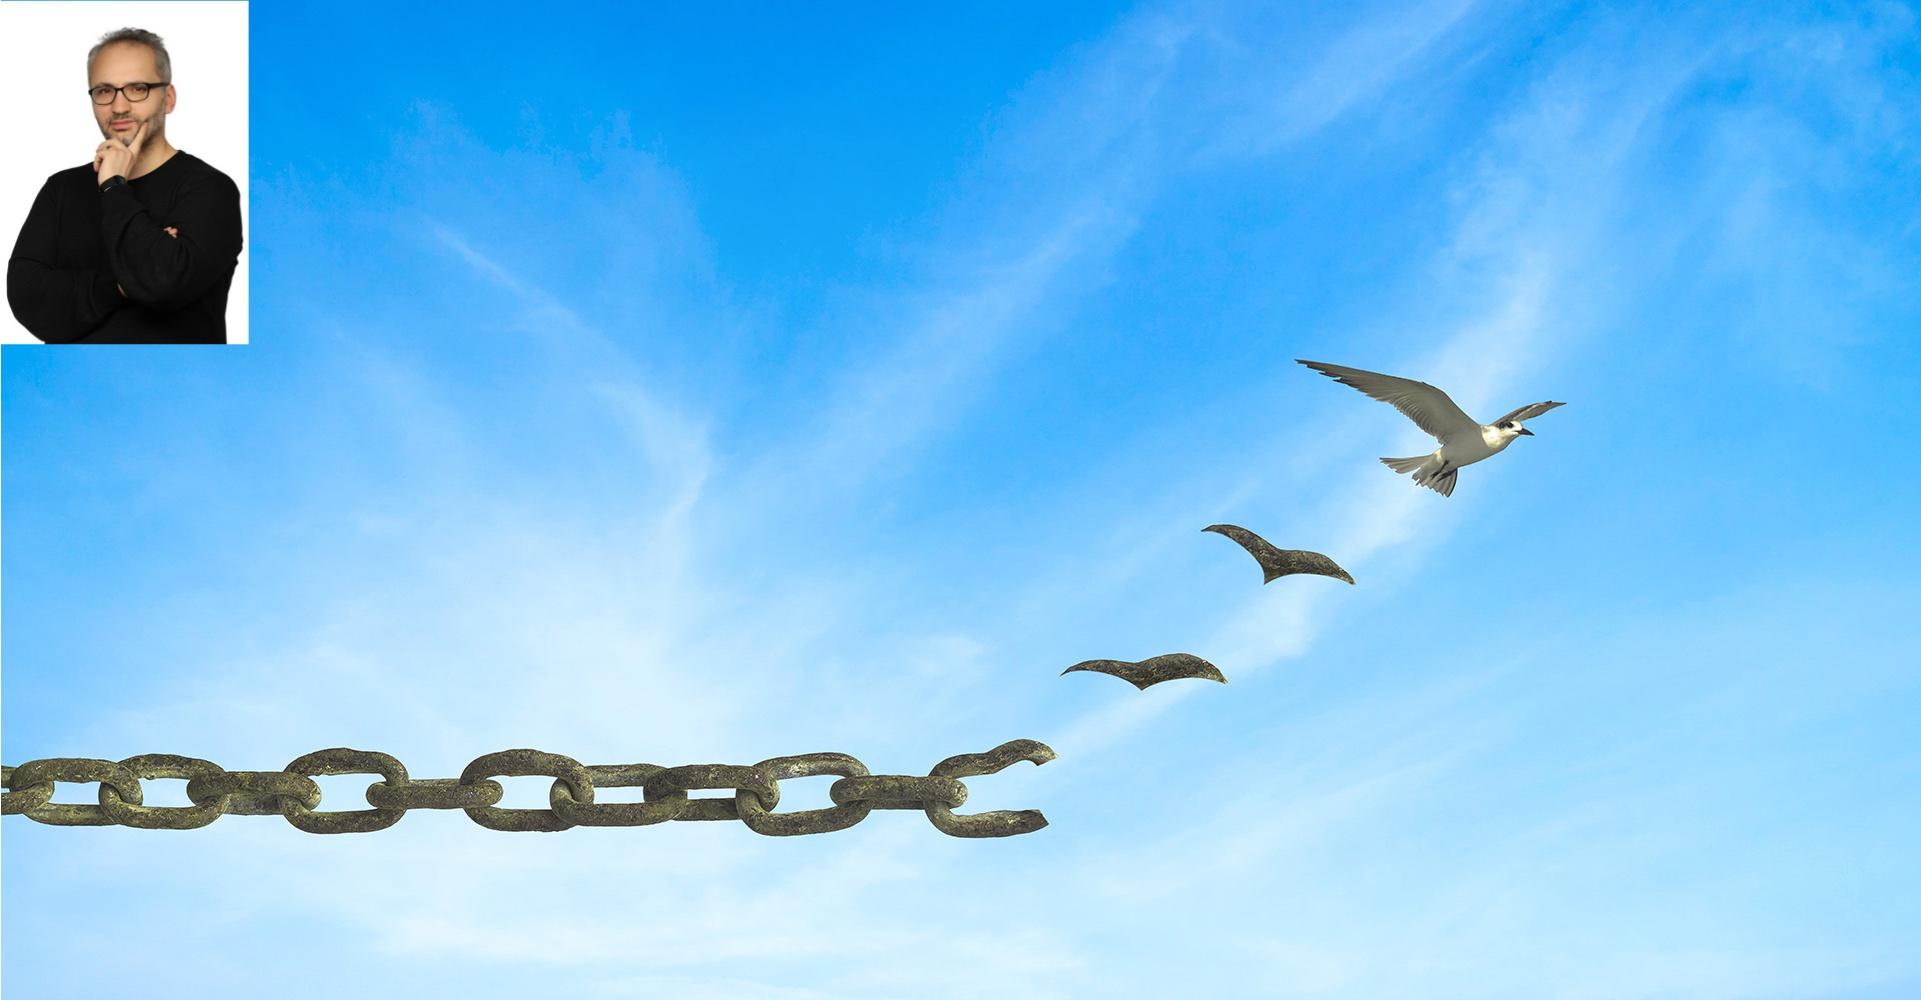 YAVUZ BİNGÖL'DEN SARTRE'A, EĞİTİMİN TEMELİ OLARAK ÖZGÜRLÜK SORUNSALI